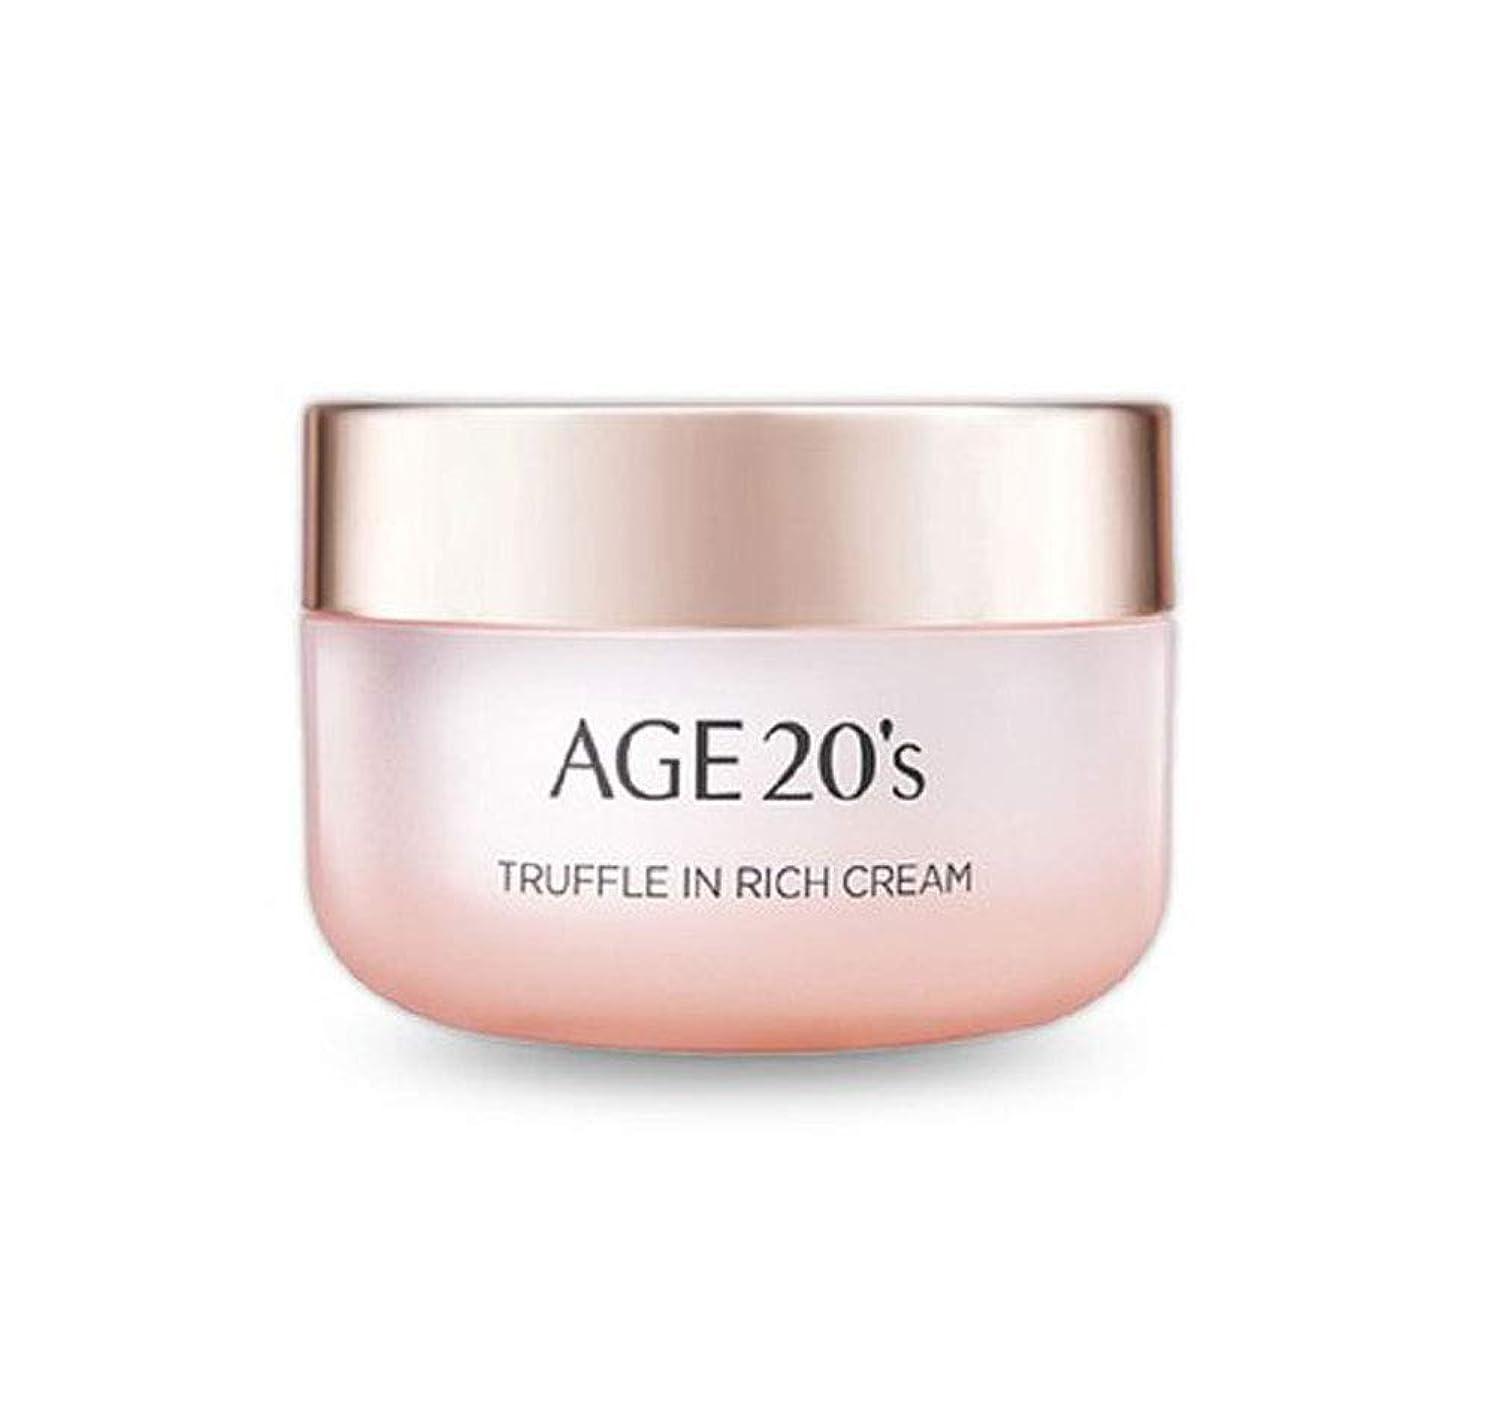 ワックス火山学者デザイナーエイジトゥエンティスAge20's 韓国コスメ トリュフリッチ クリーム 50g 海外直送品 Truffle in rich Cream [並行輸入品]